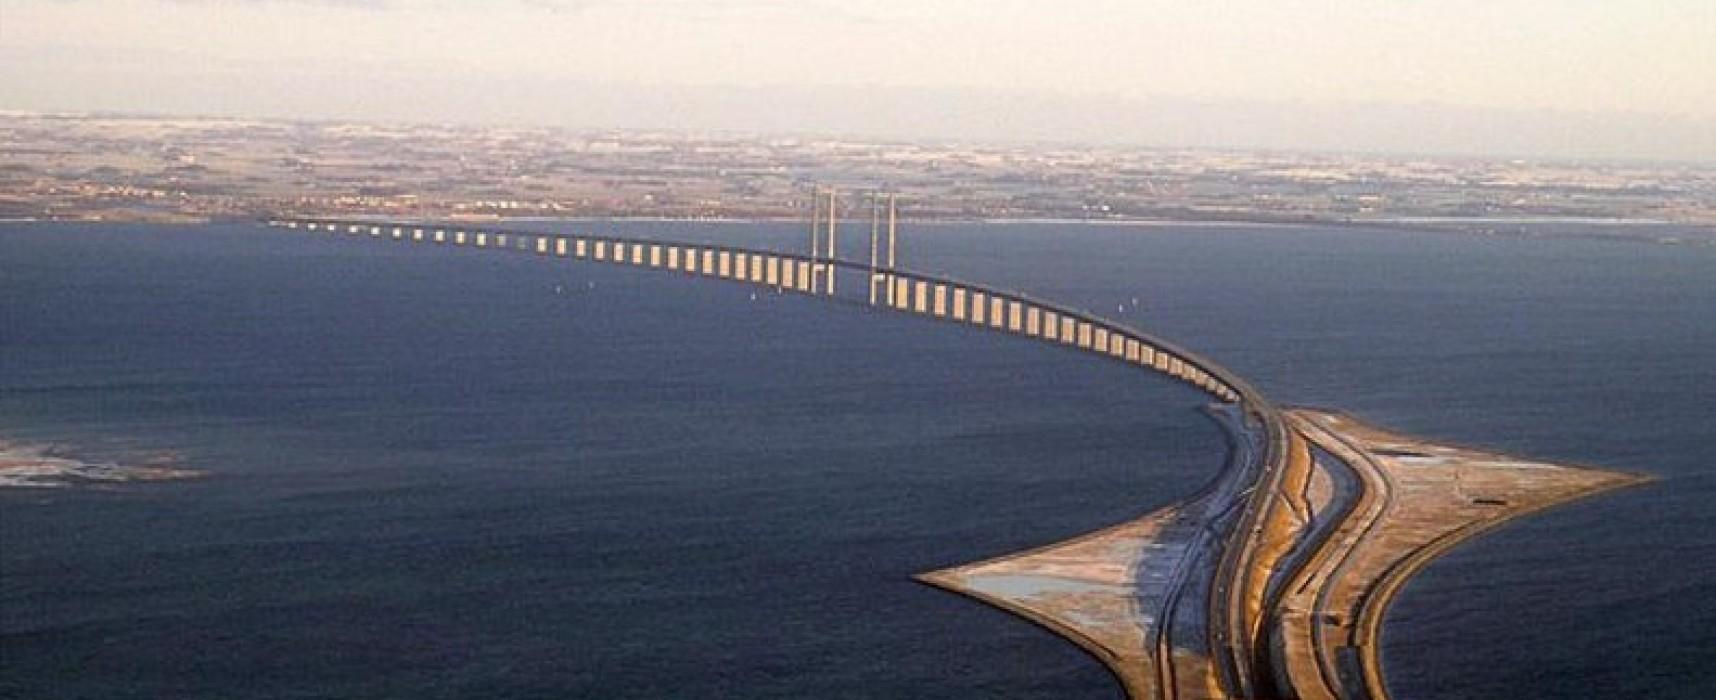 Опыт возведения мостового перехода через пролив Эресунн в Скандинавии